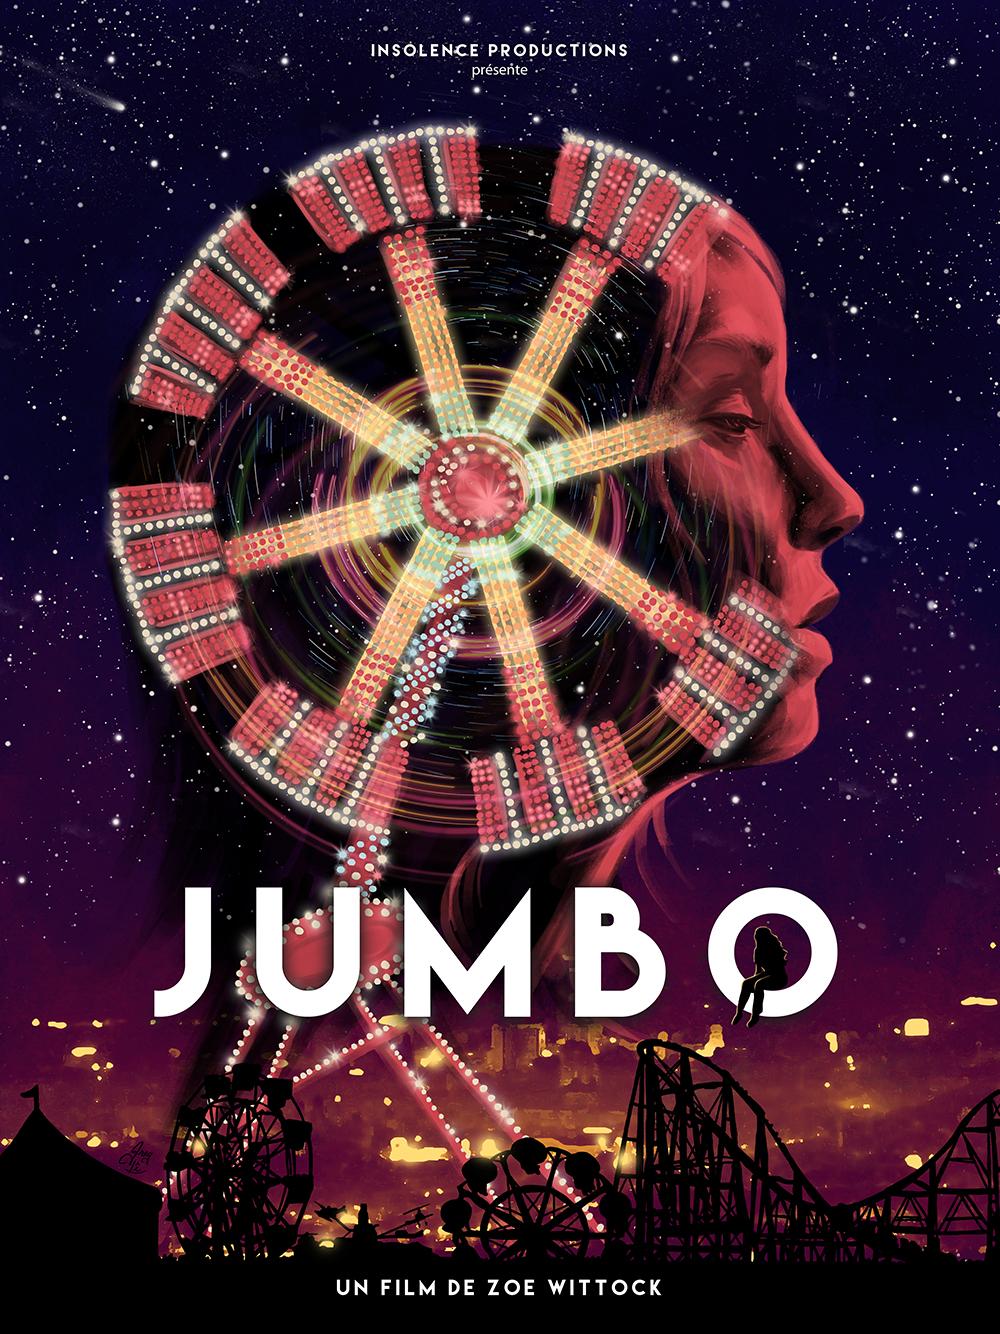 affiche_JUMBO_HD_small